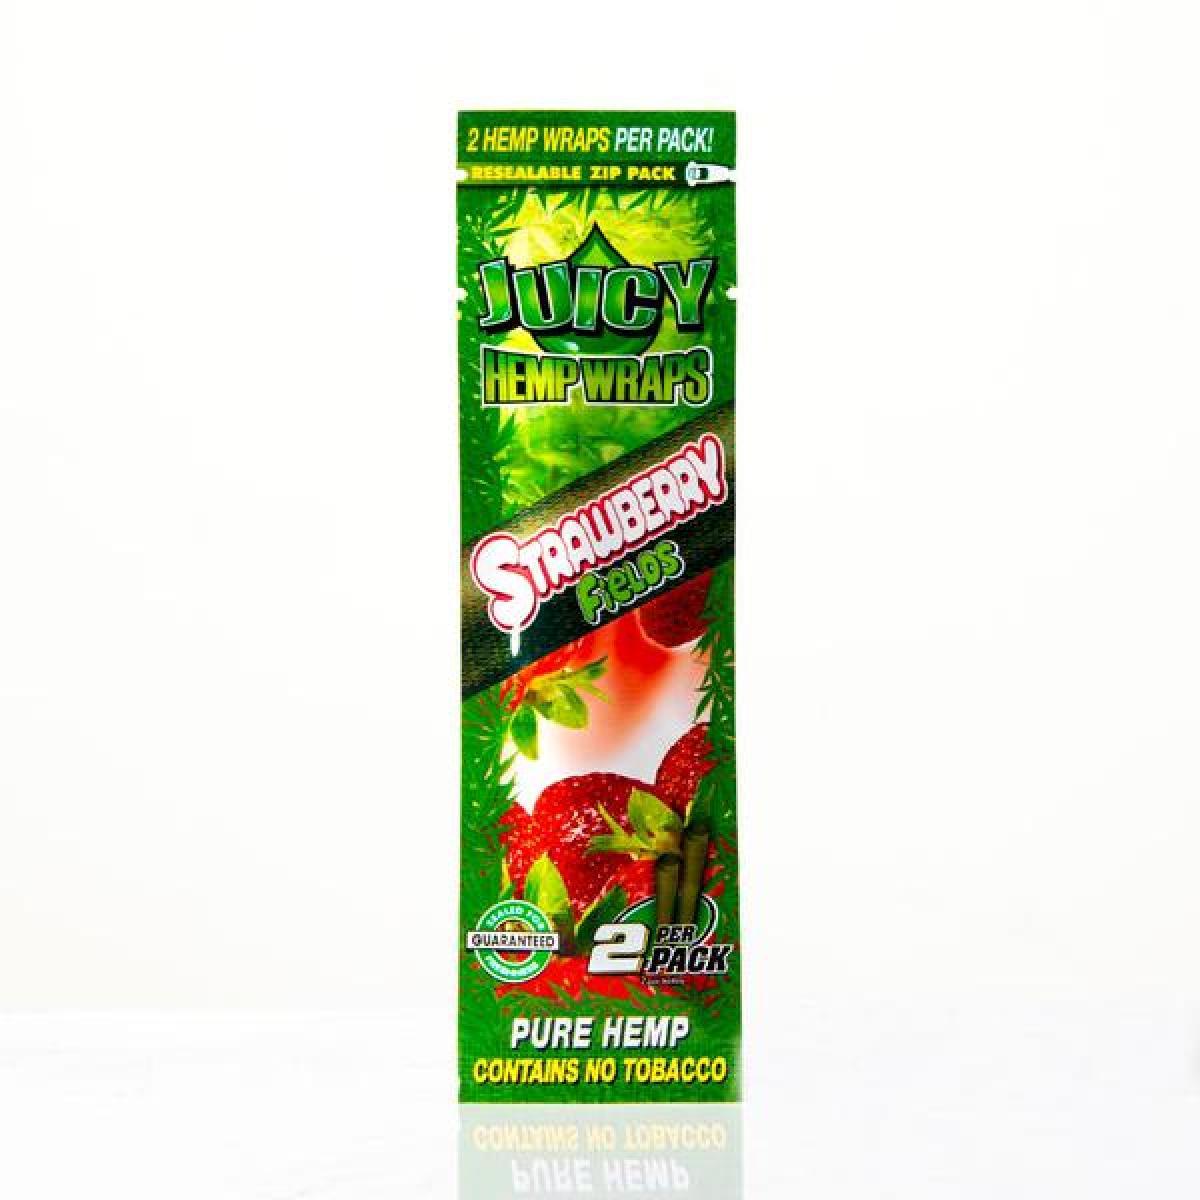 Juicy Jays Hemp Wraps - Strawberry (2pk)